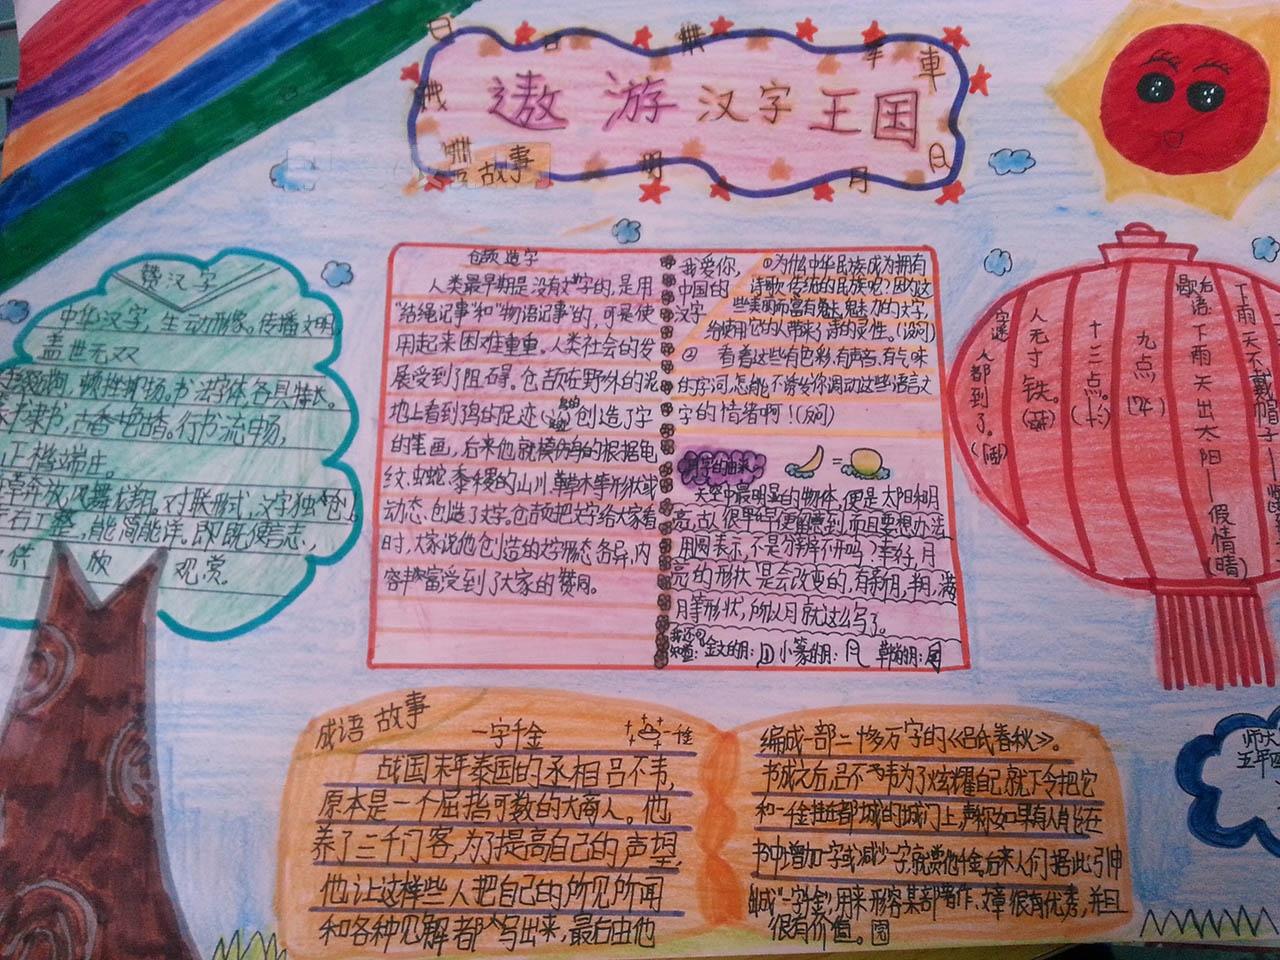 漢字 漢字 小1 : 五年级语文汉字手抄报—233小学